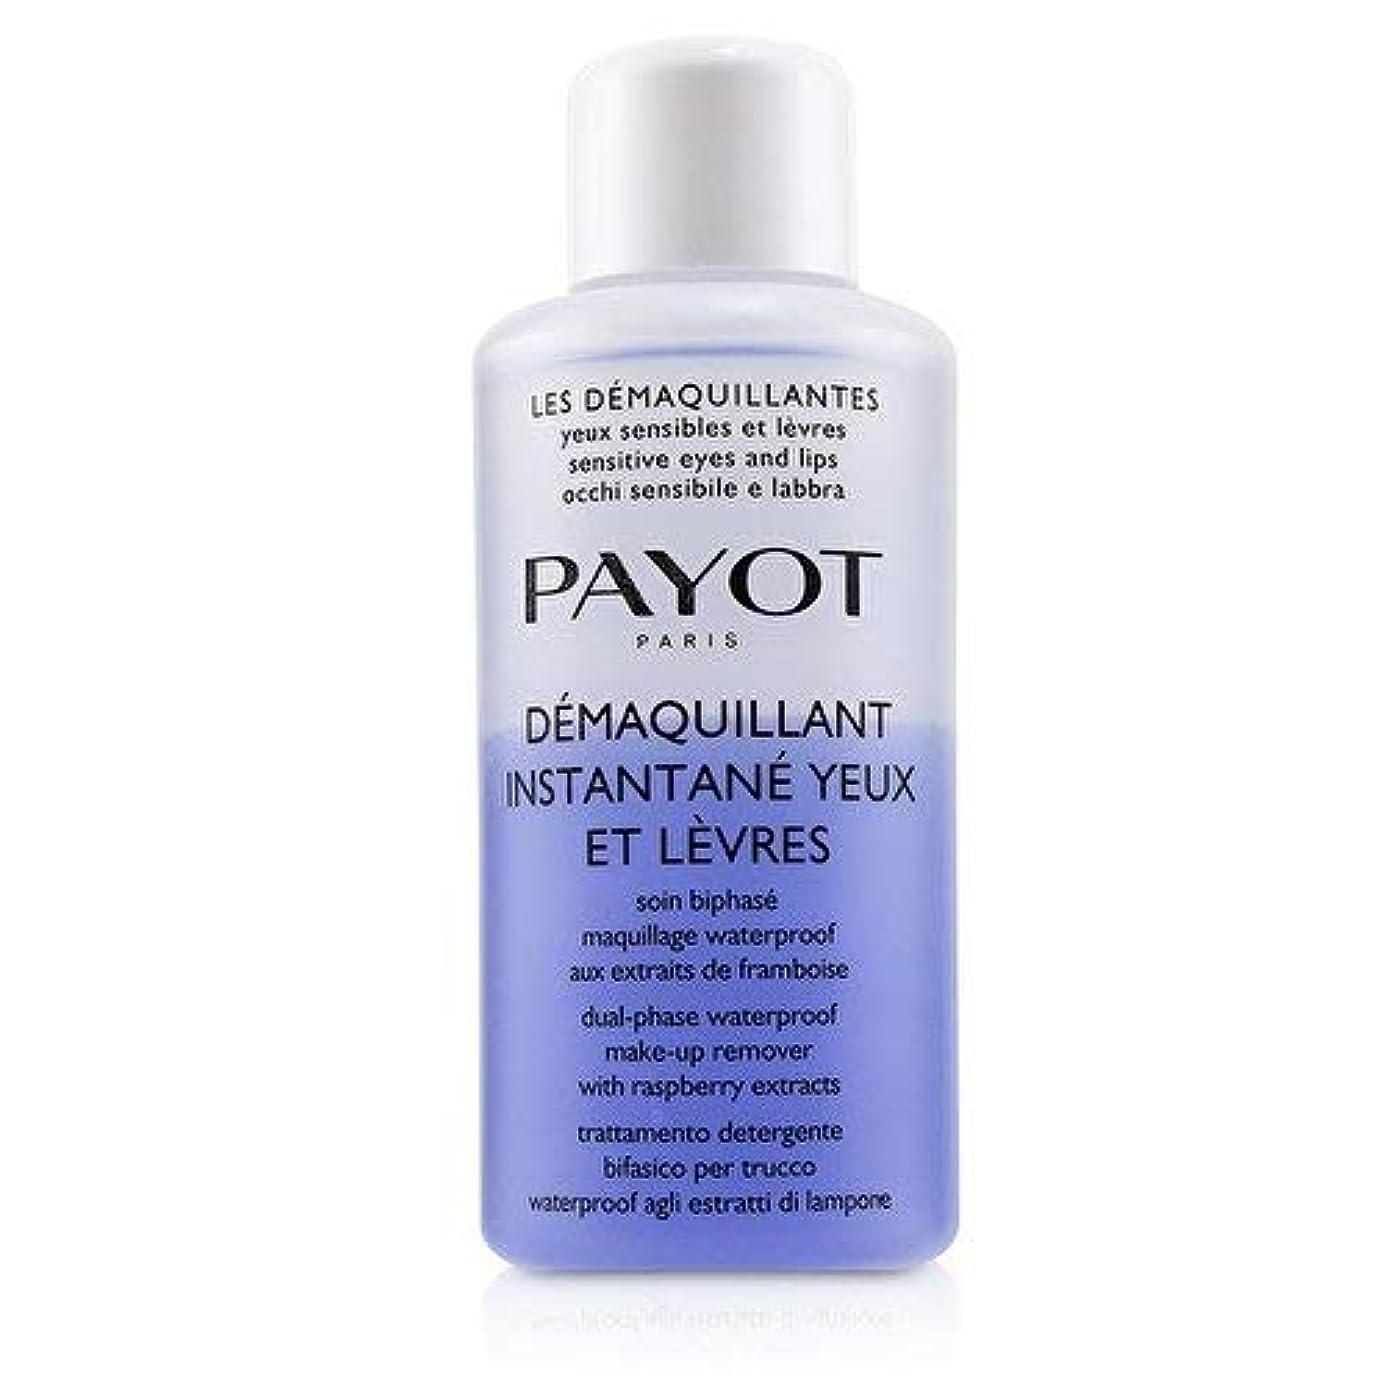 反逆者生き残りますラダパイヨ Les Demaquillantes Demaquillant Instantane Yeux Dual-Phase Waterproof Make-Up Remover - For Sensitive Eyes...